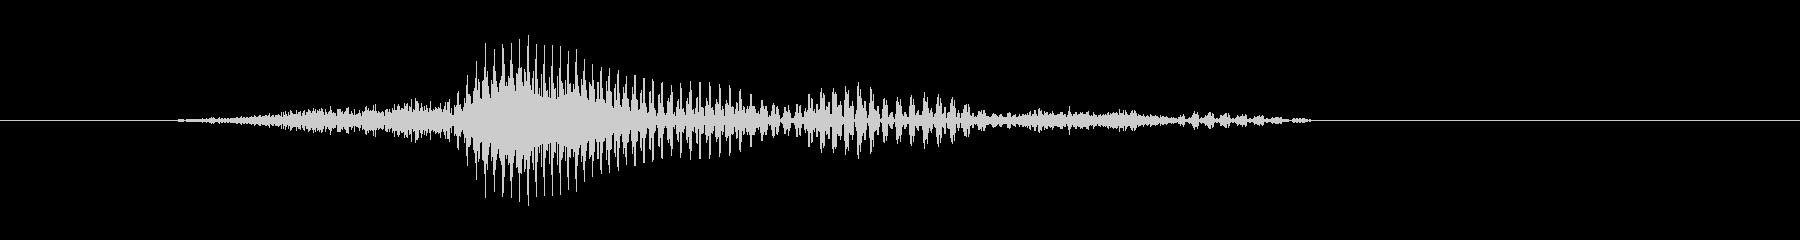 シングルスの未再生の波形